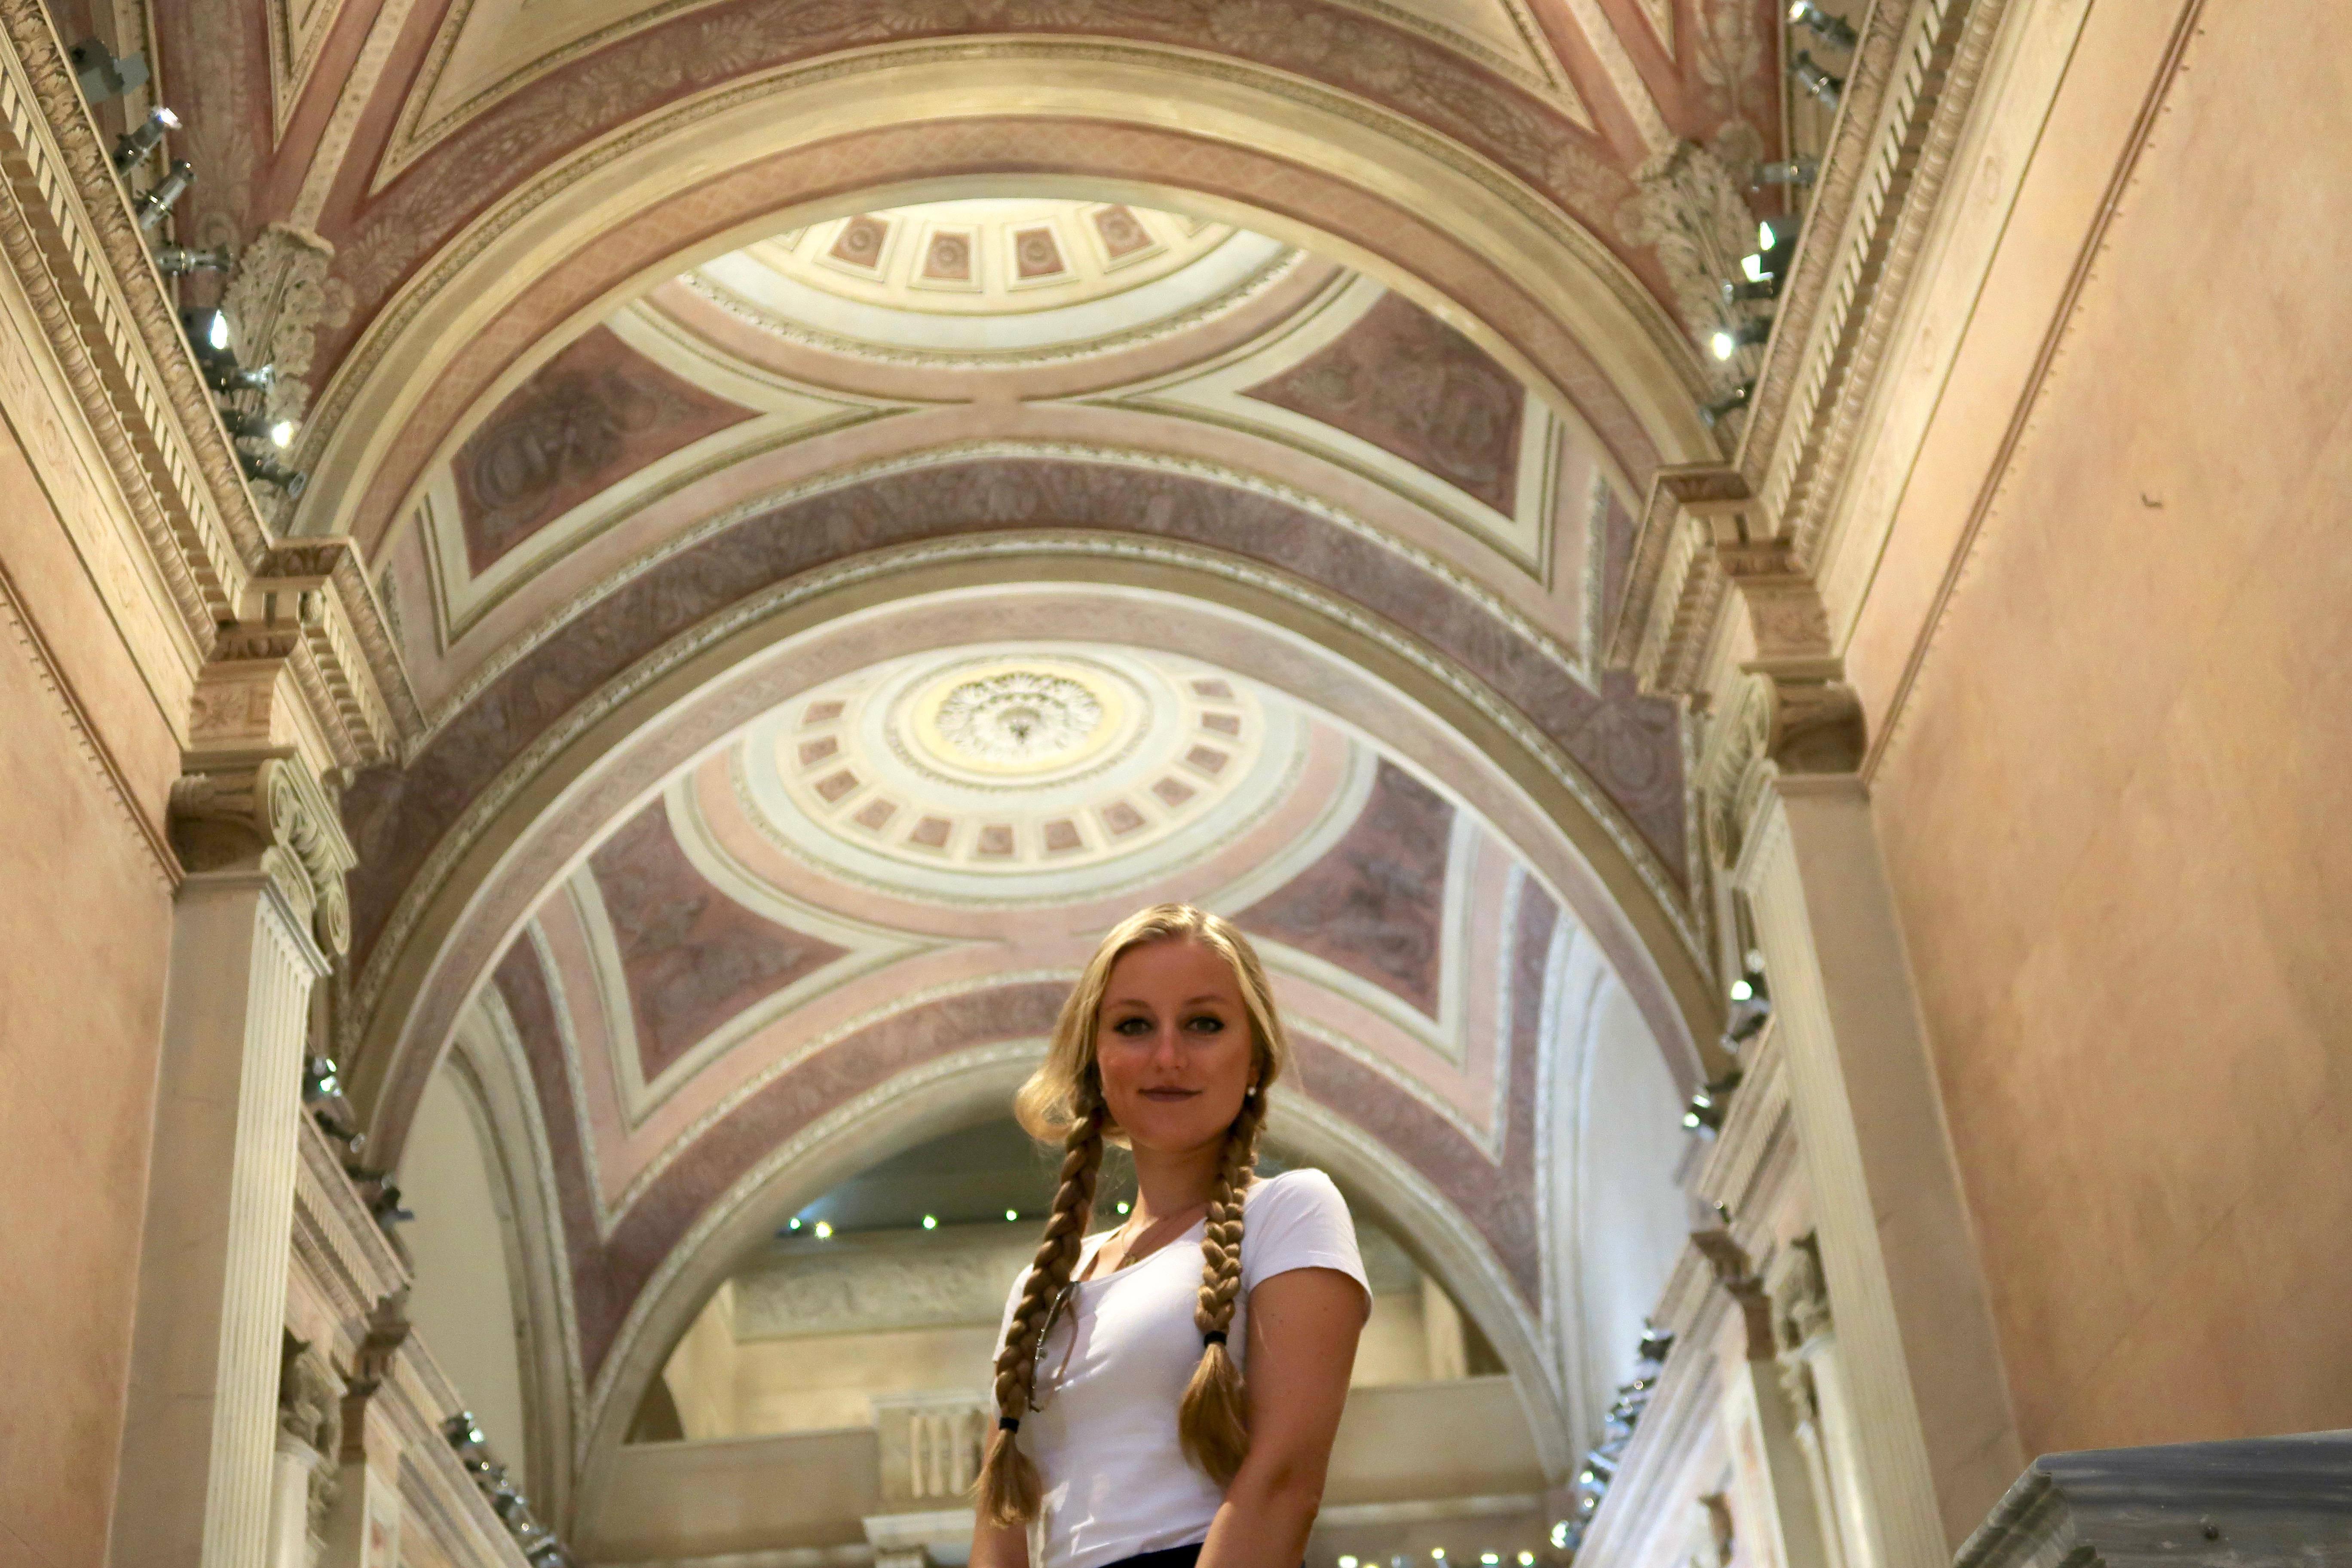 Mailand: eine wunderschöne Decke in der San Gottardo Kirche im Dommuseum